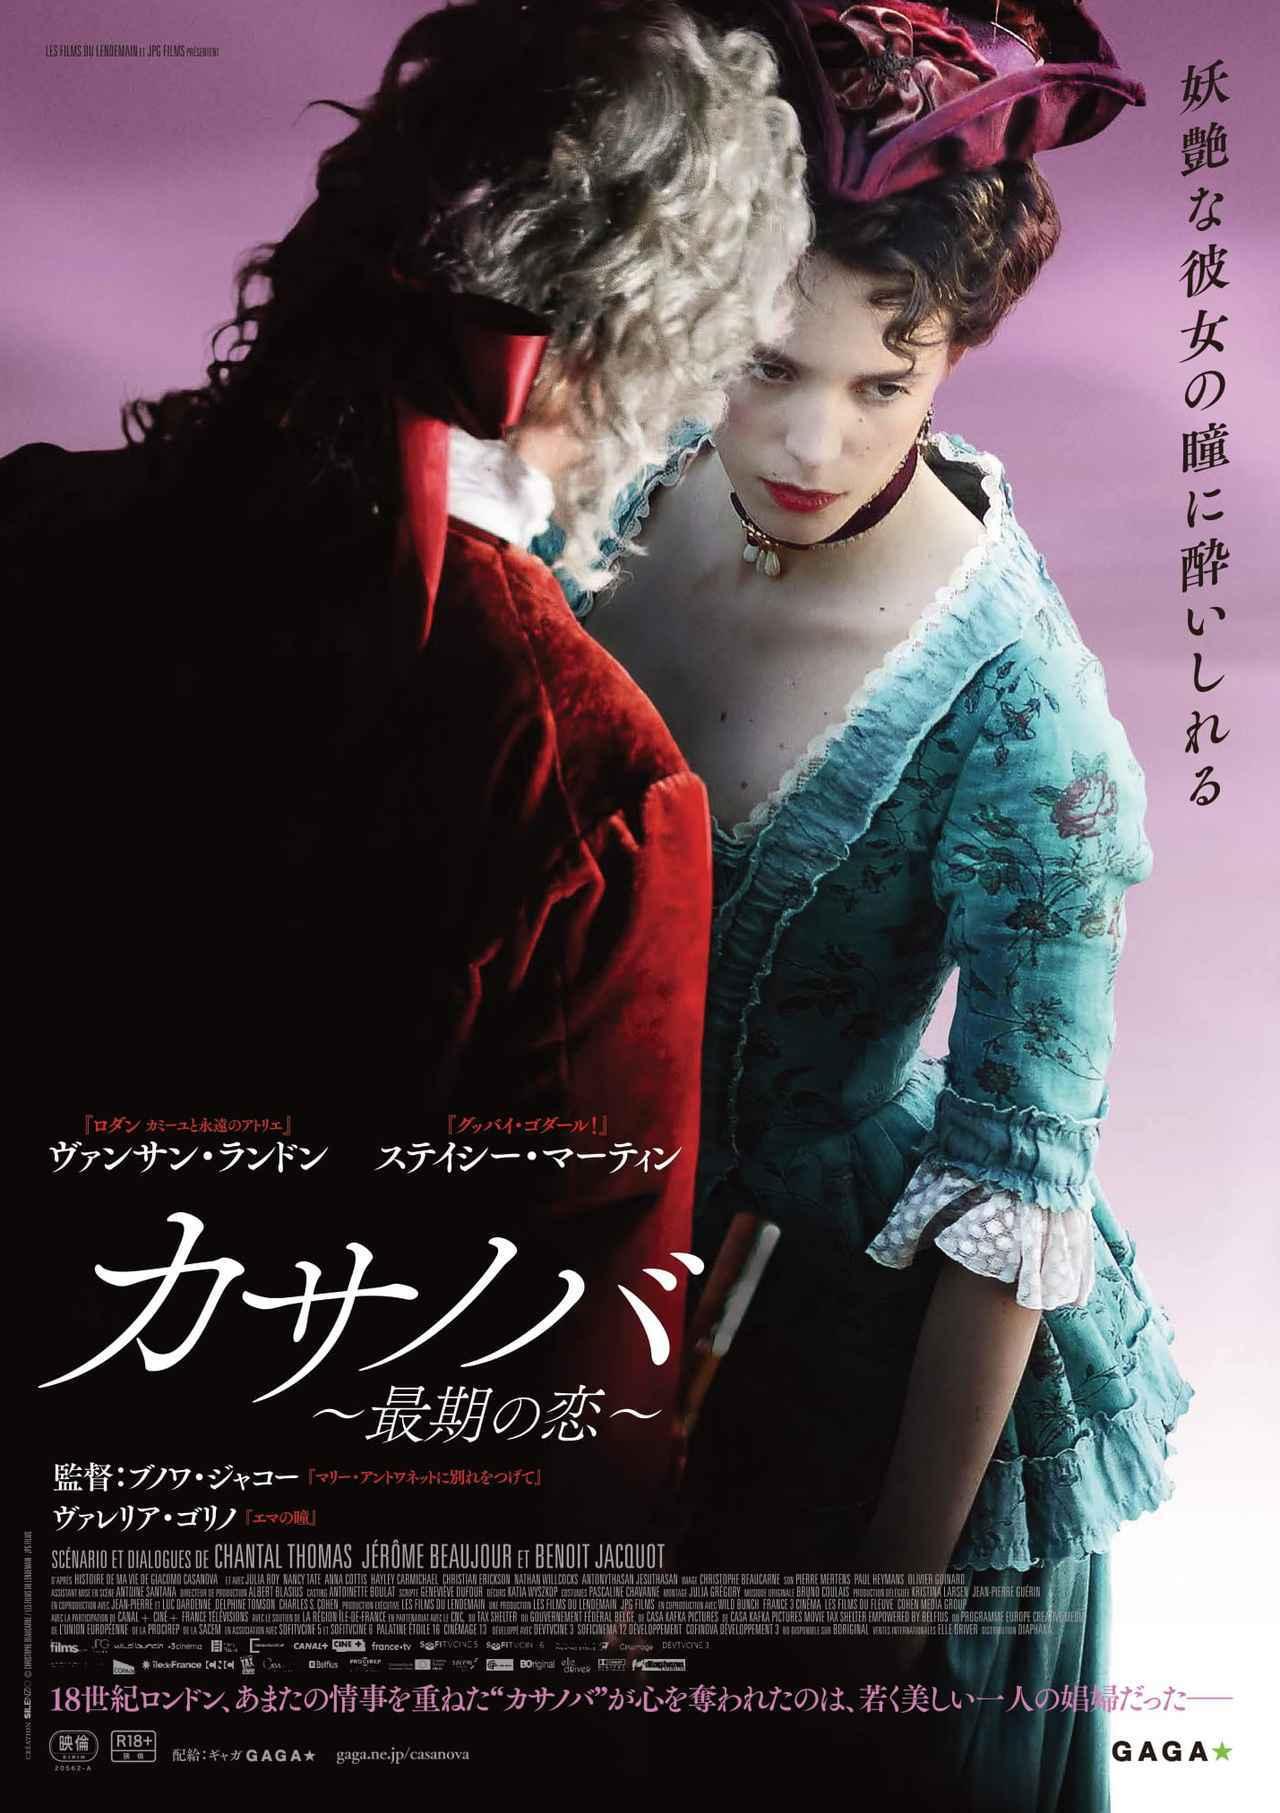 画像: 『ニンフォマニアック』の体当たり演技で世界を魅了したステイシー・マーティンが、伝説のプレイボーイ カサノバを激情の愛に溺れさせる小悪魔に!